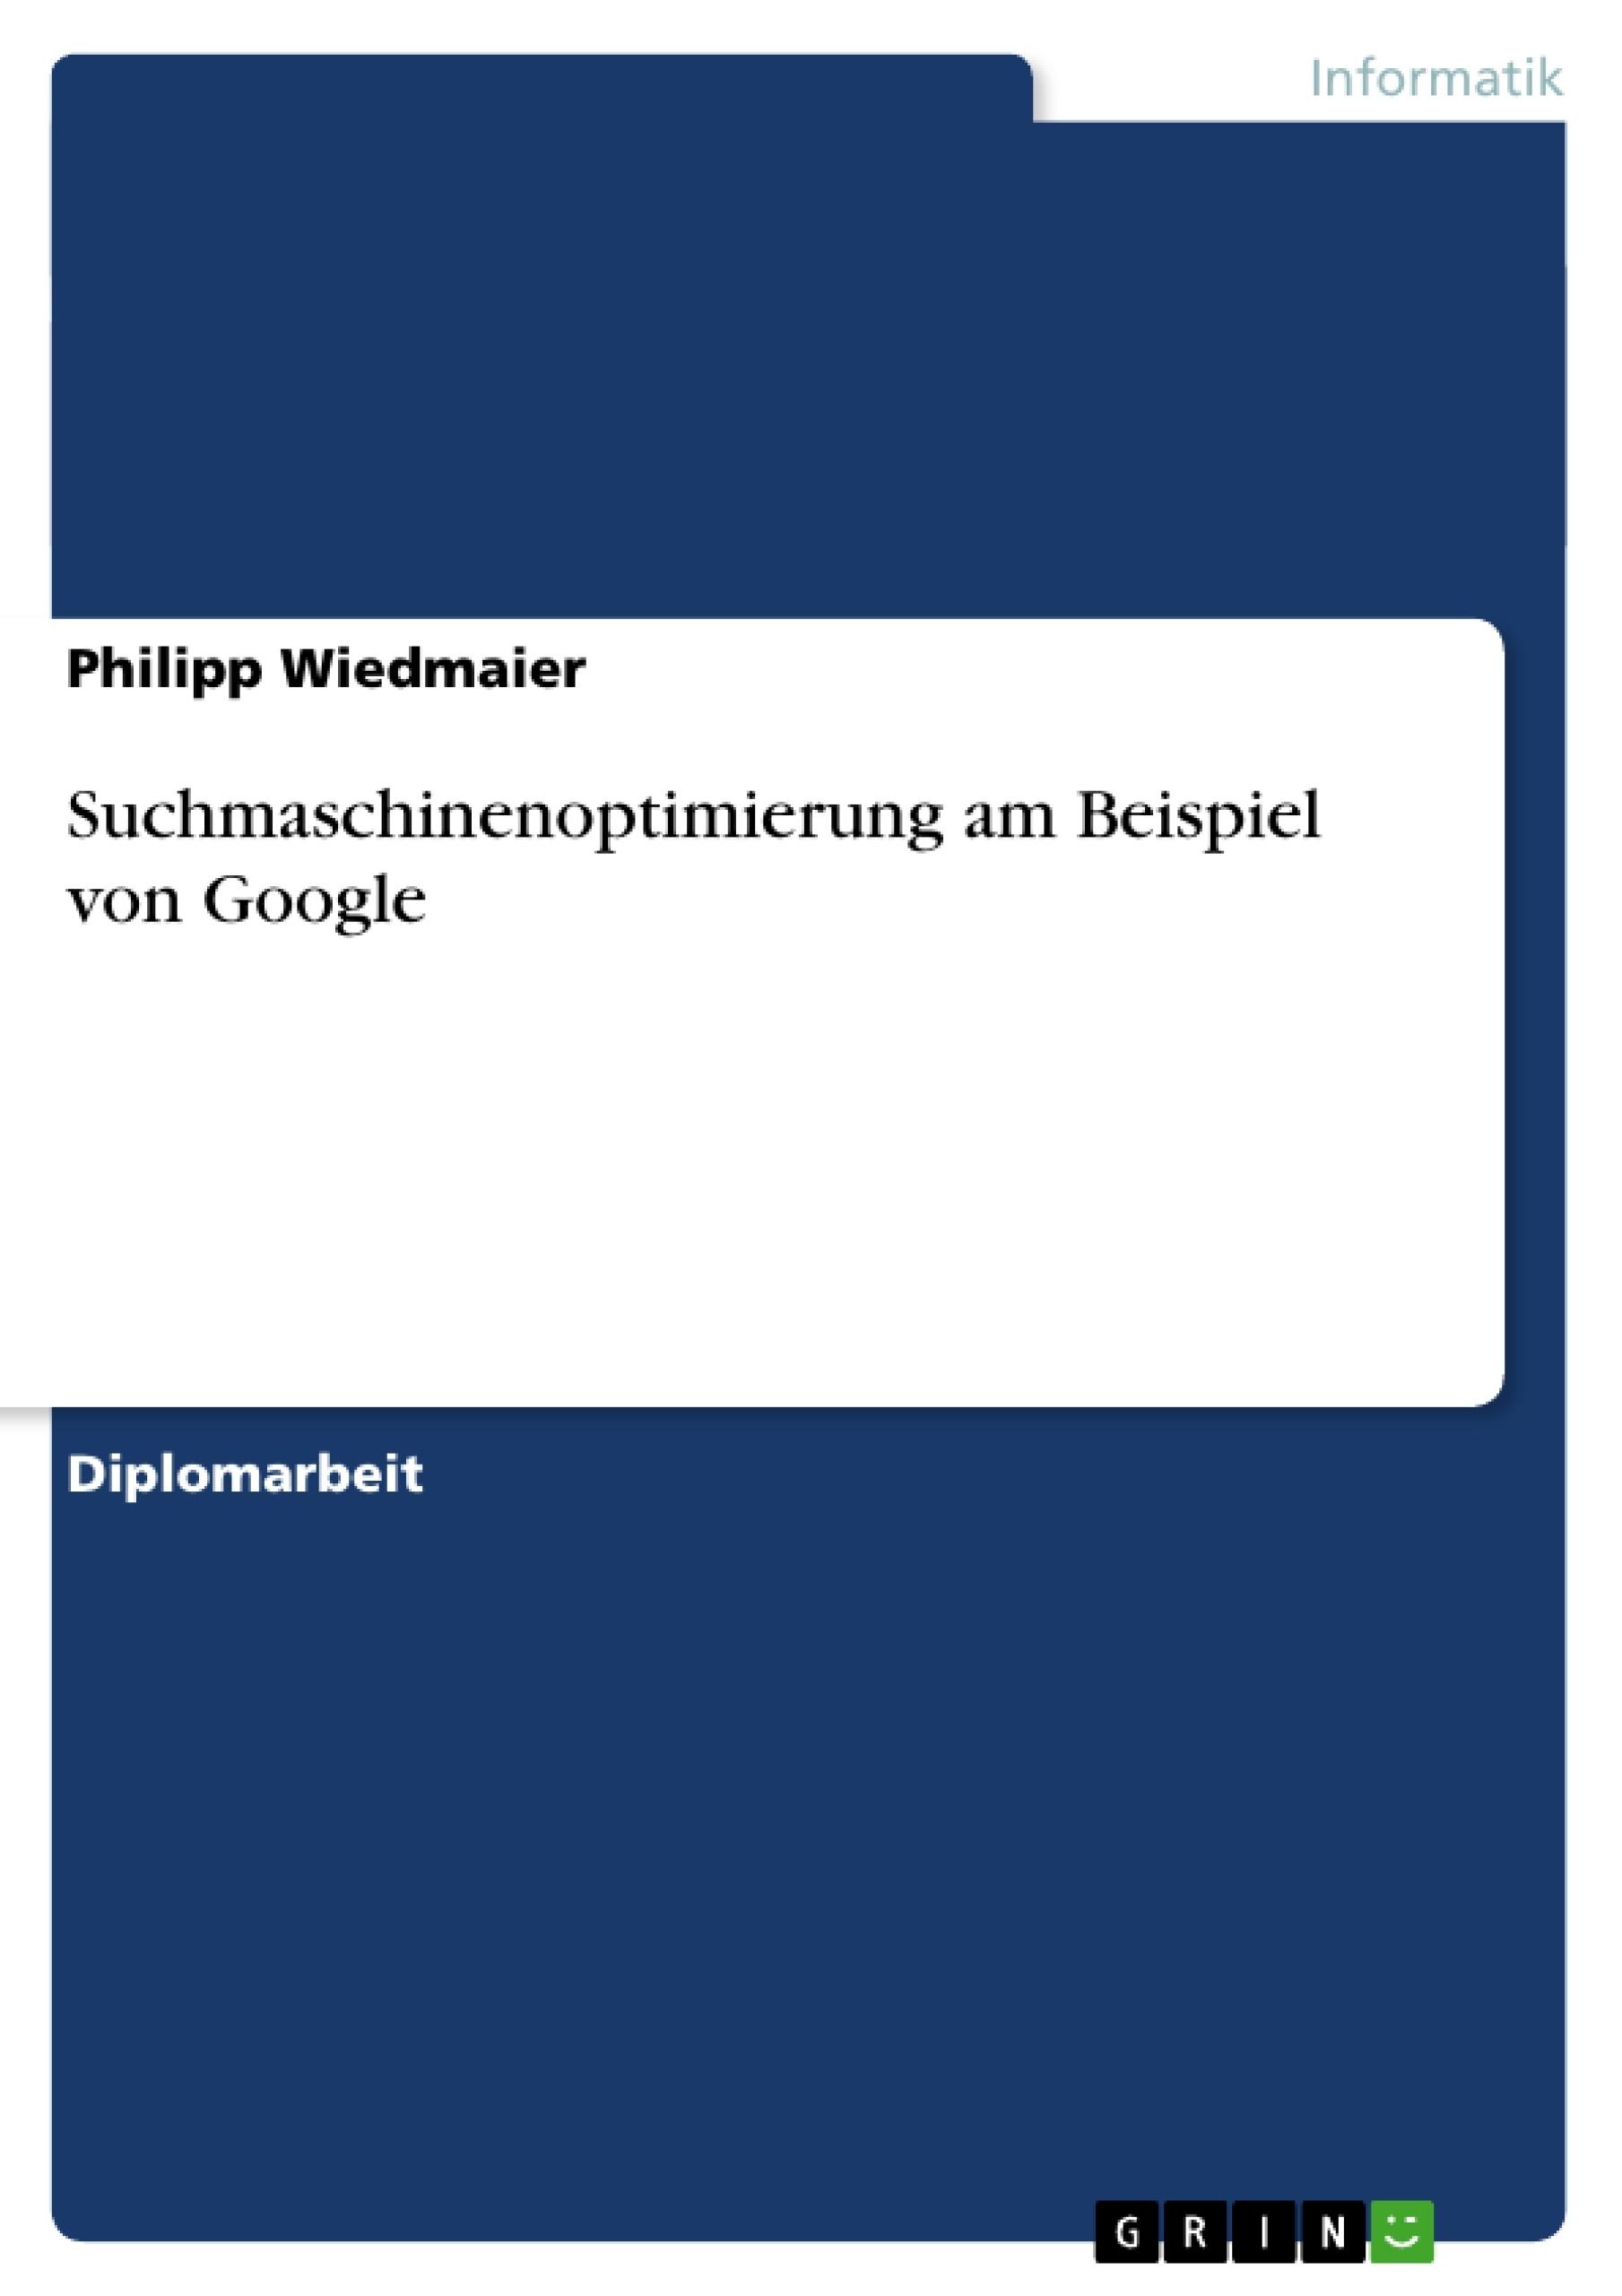 Titel: Suchmaschinenoptimierung am Beispiel von Google